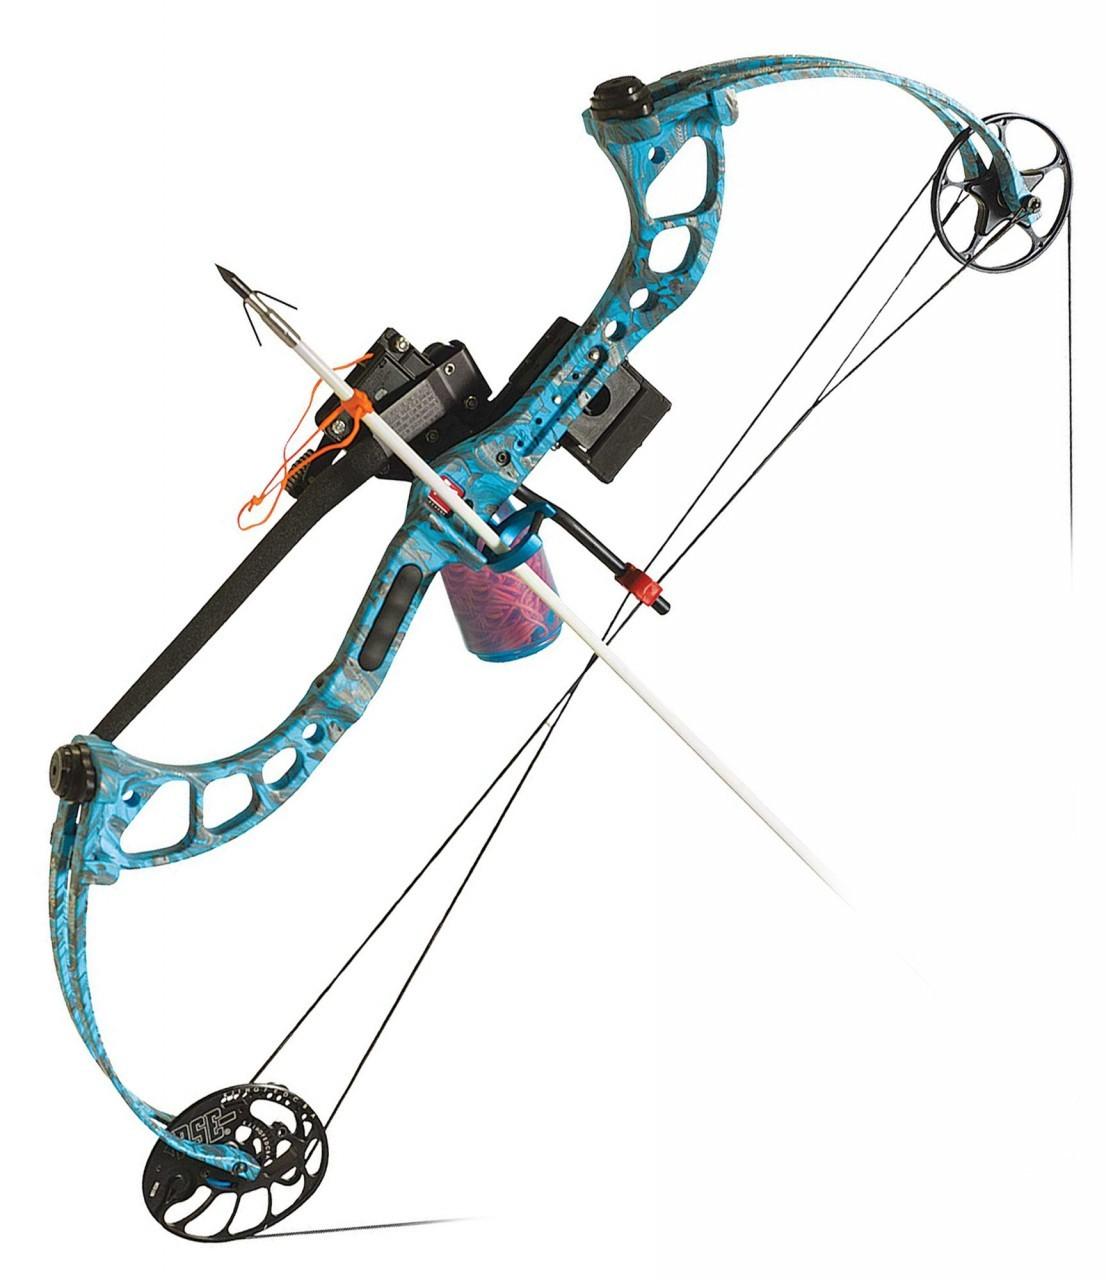 Bowfishing for Fishing bow kit